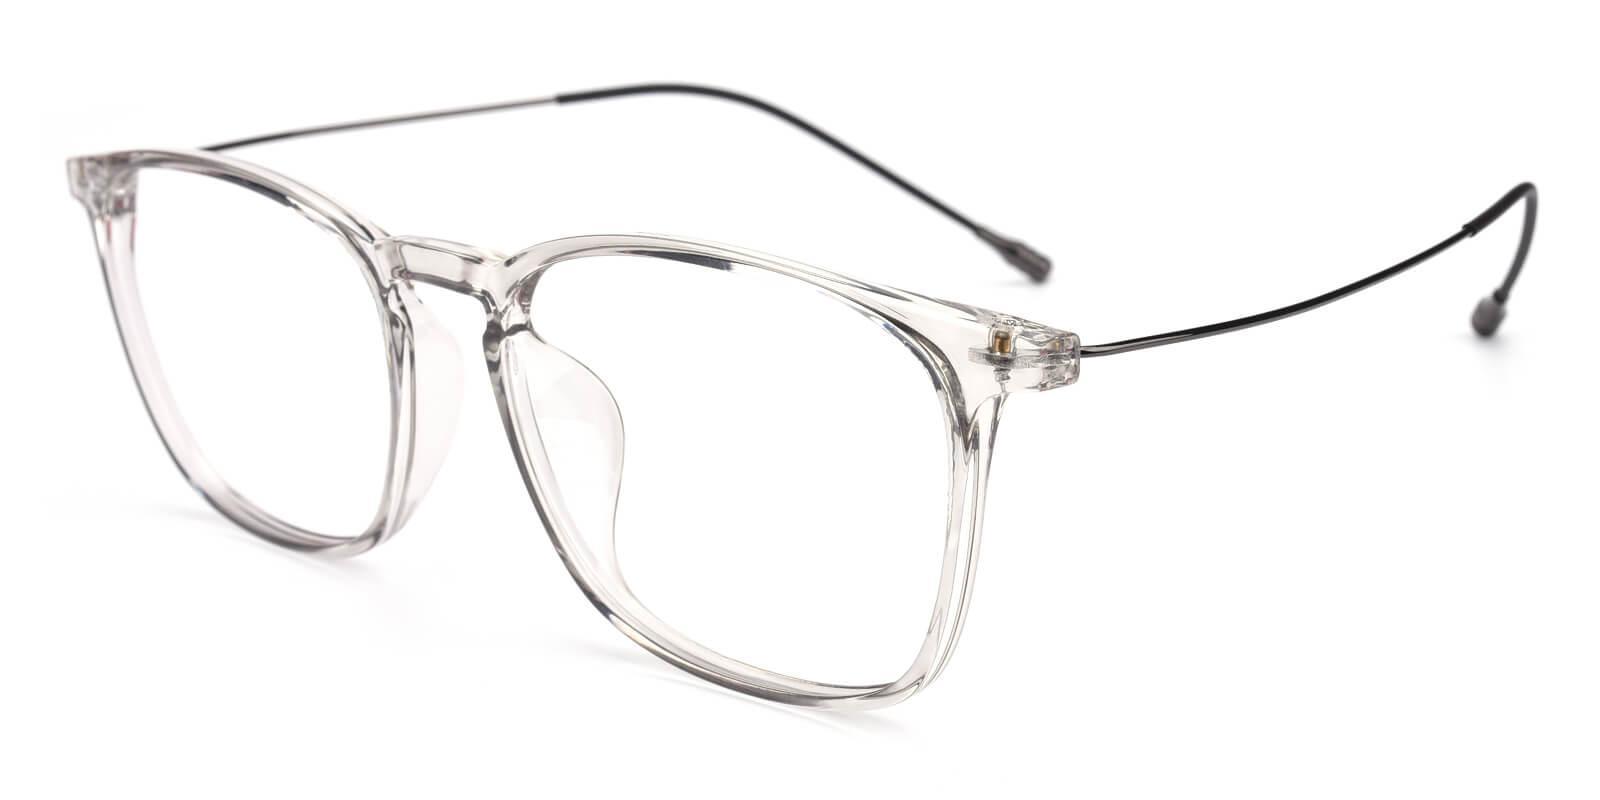 Quauetom-Gray-Square-Metal / TR-Eyeglasses-detail